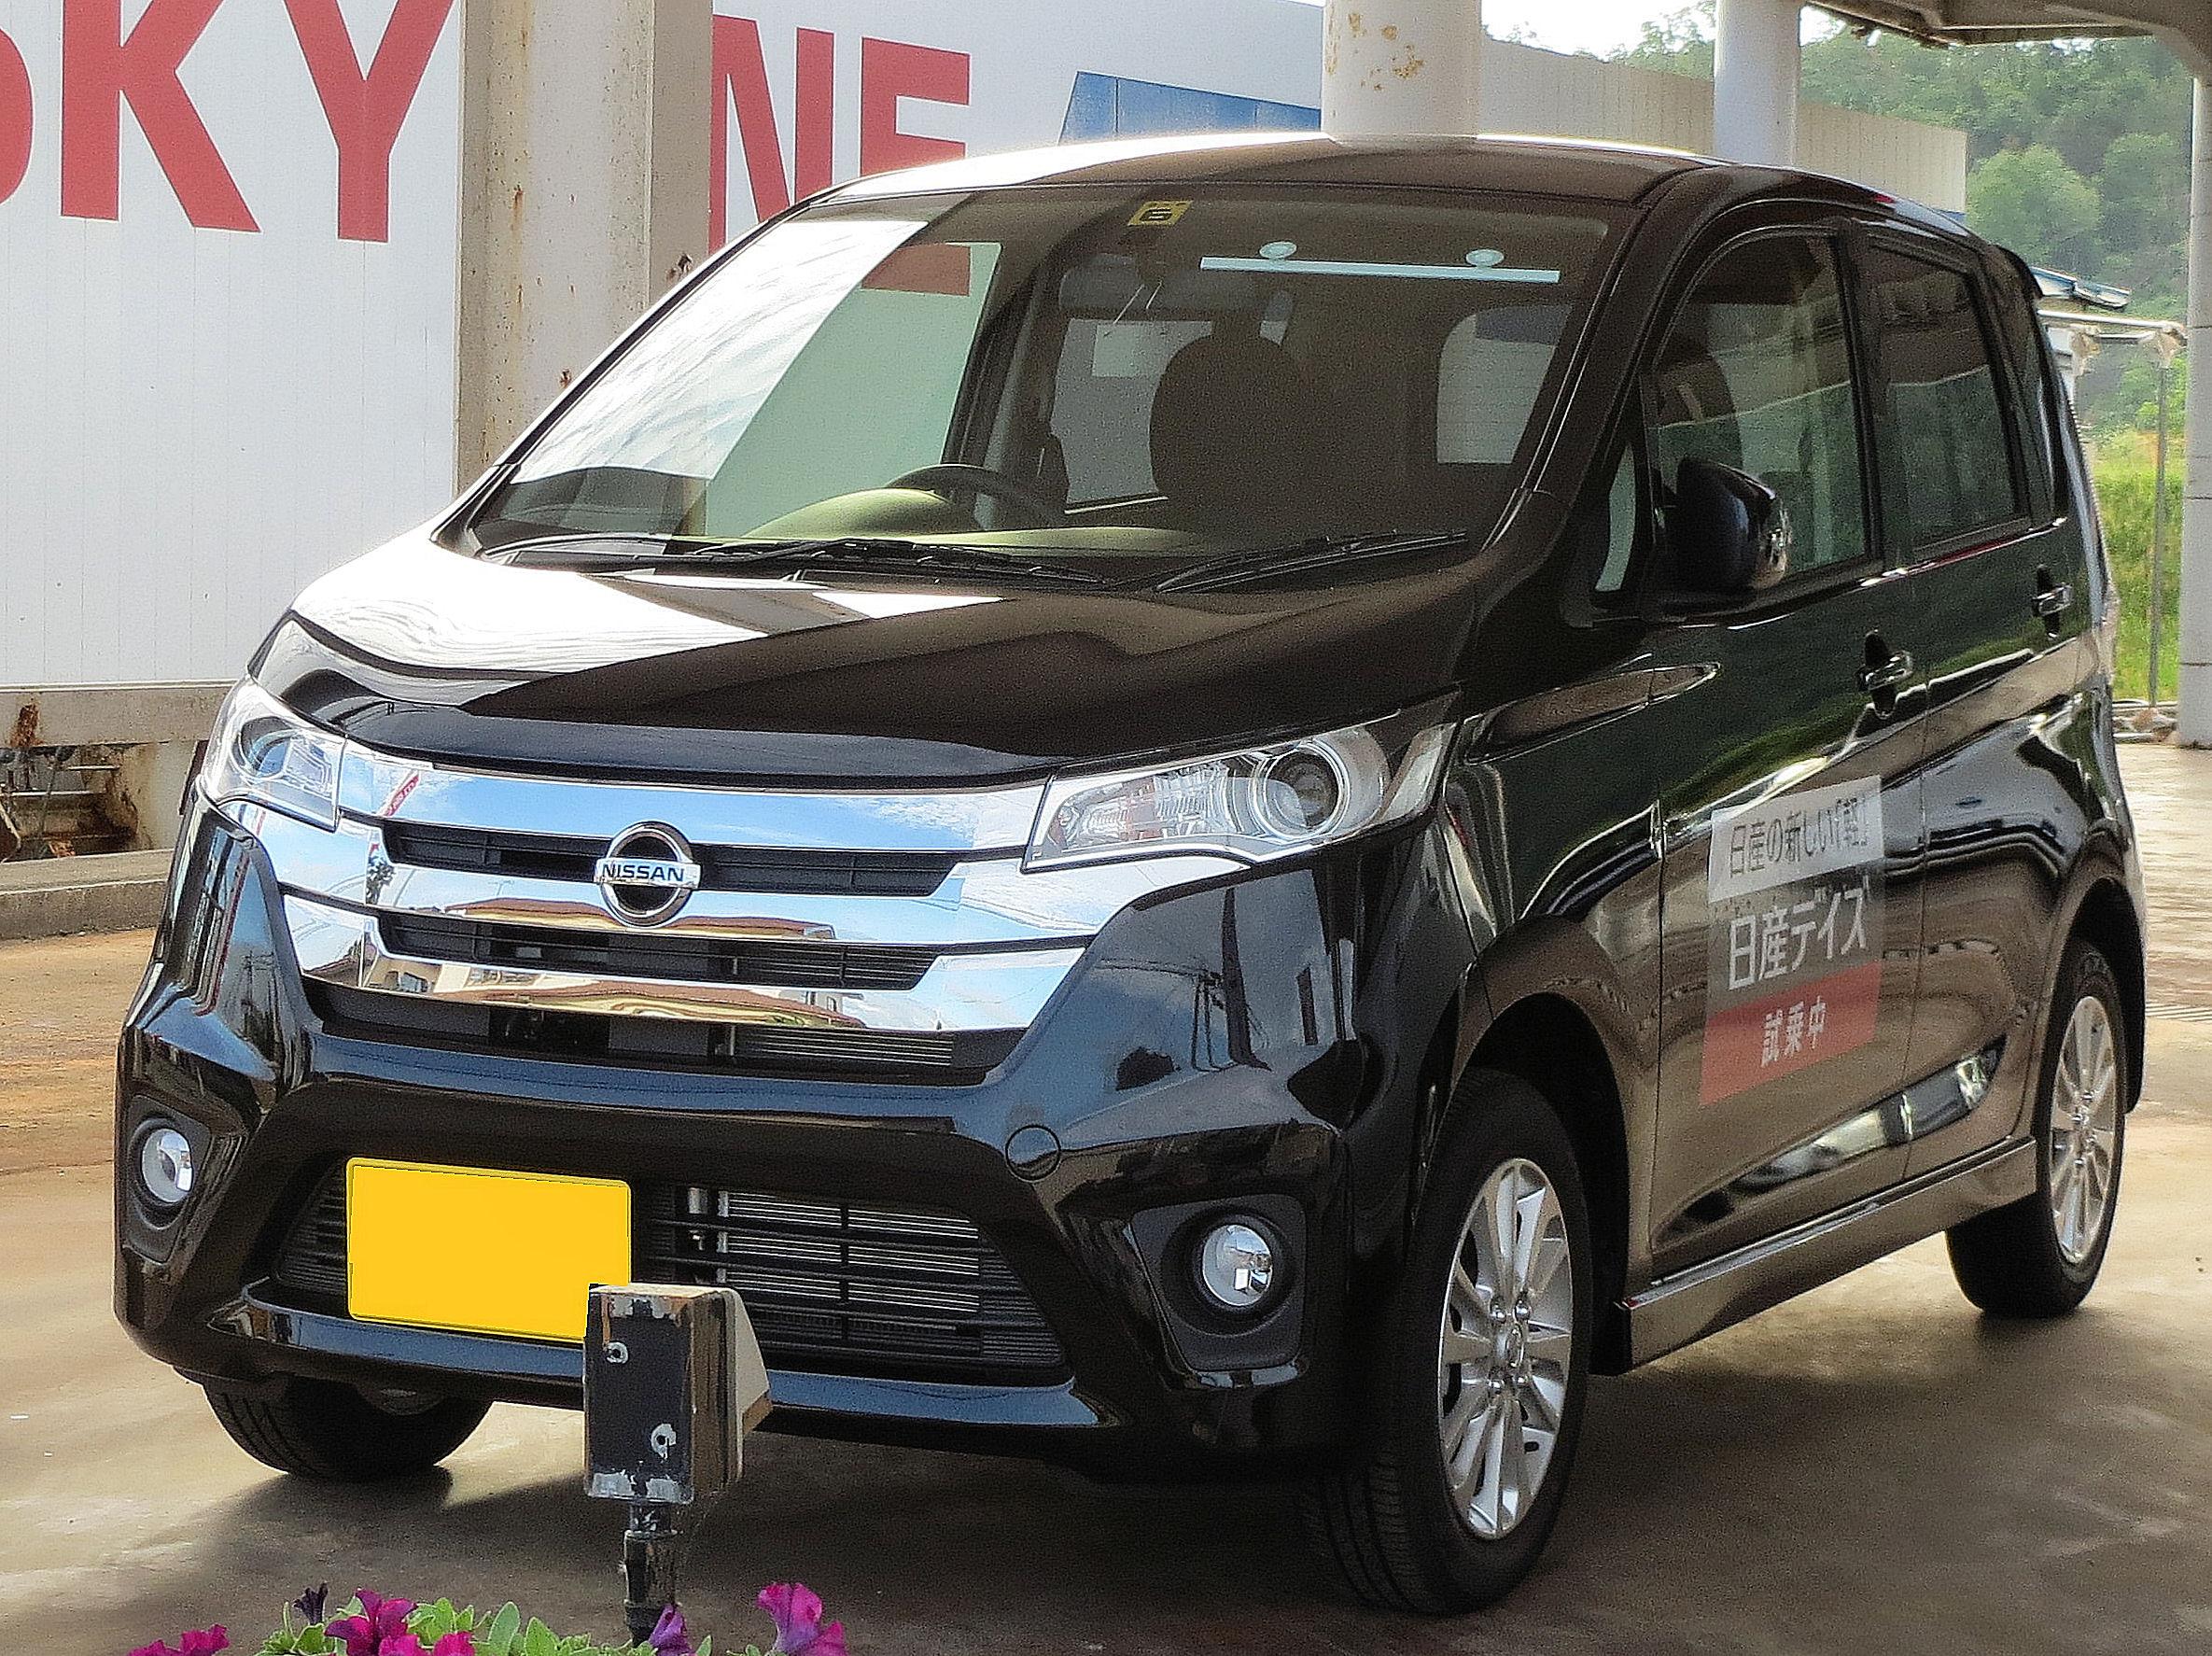 Из-за дизельного скандала, автолюбители «отвернулись» от марок Mitsubishi и Nissan 3